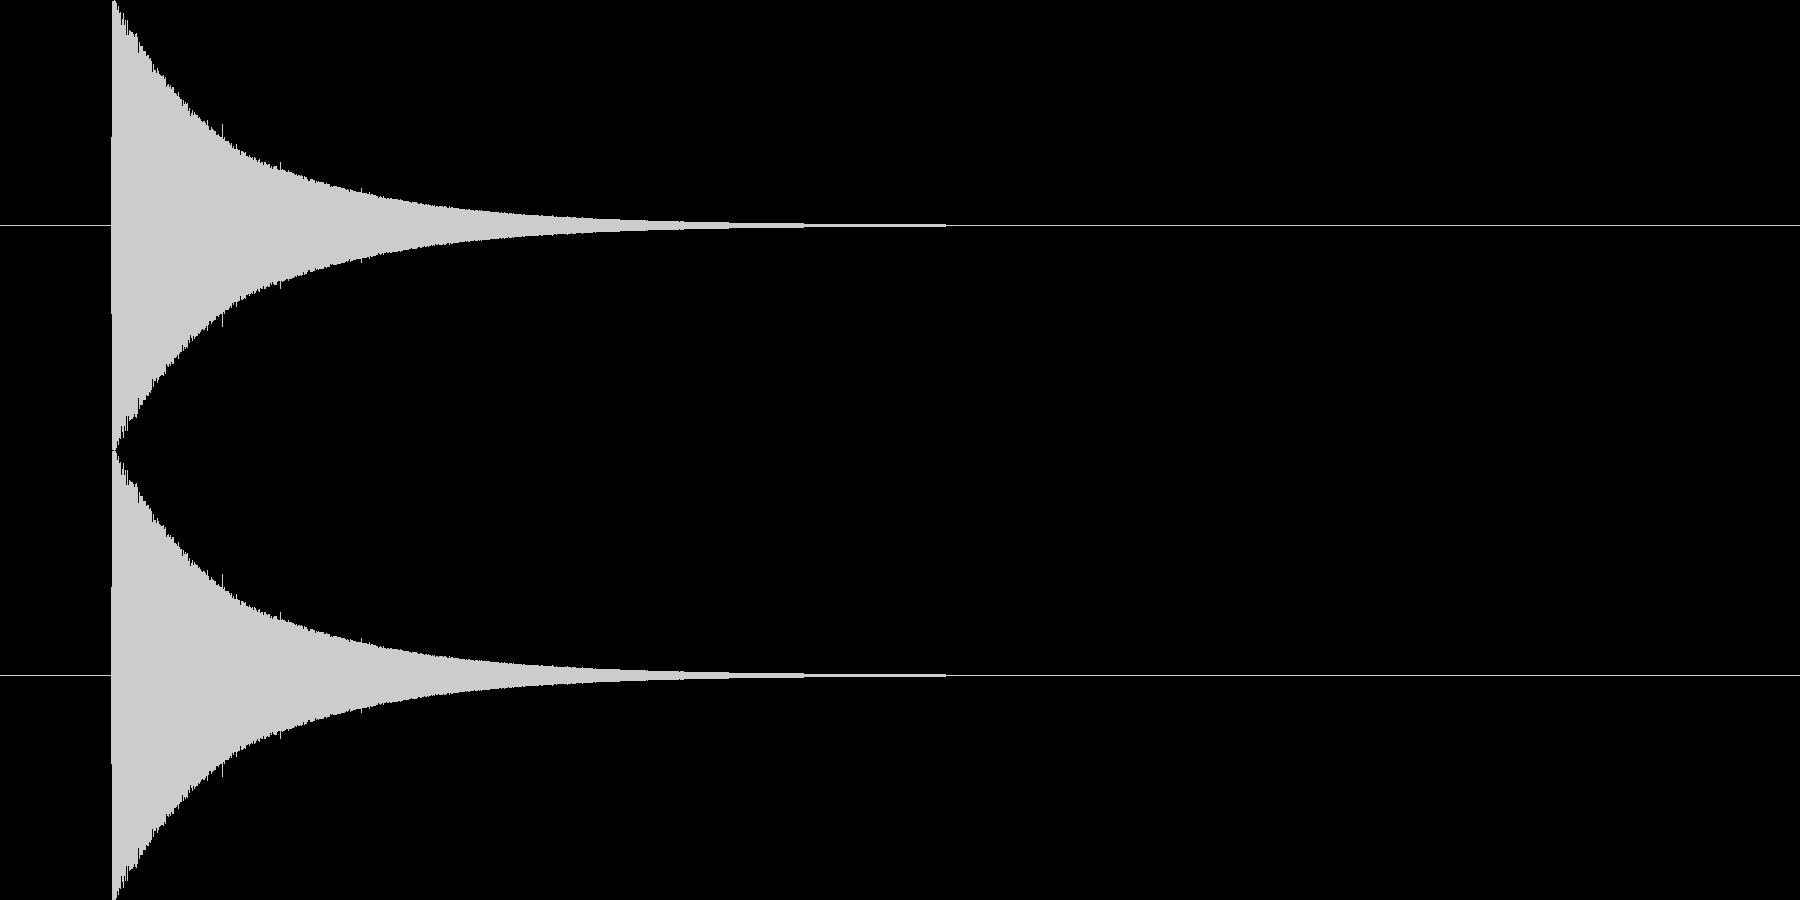 ビンタの音の未再生の波形